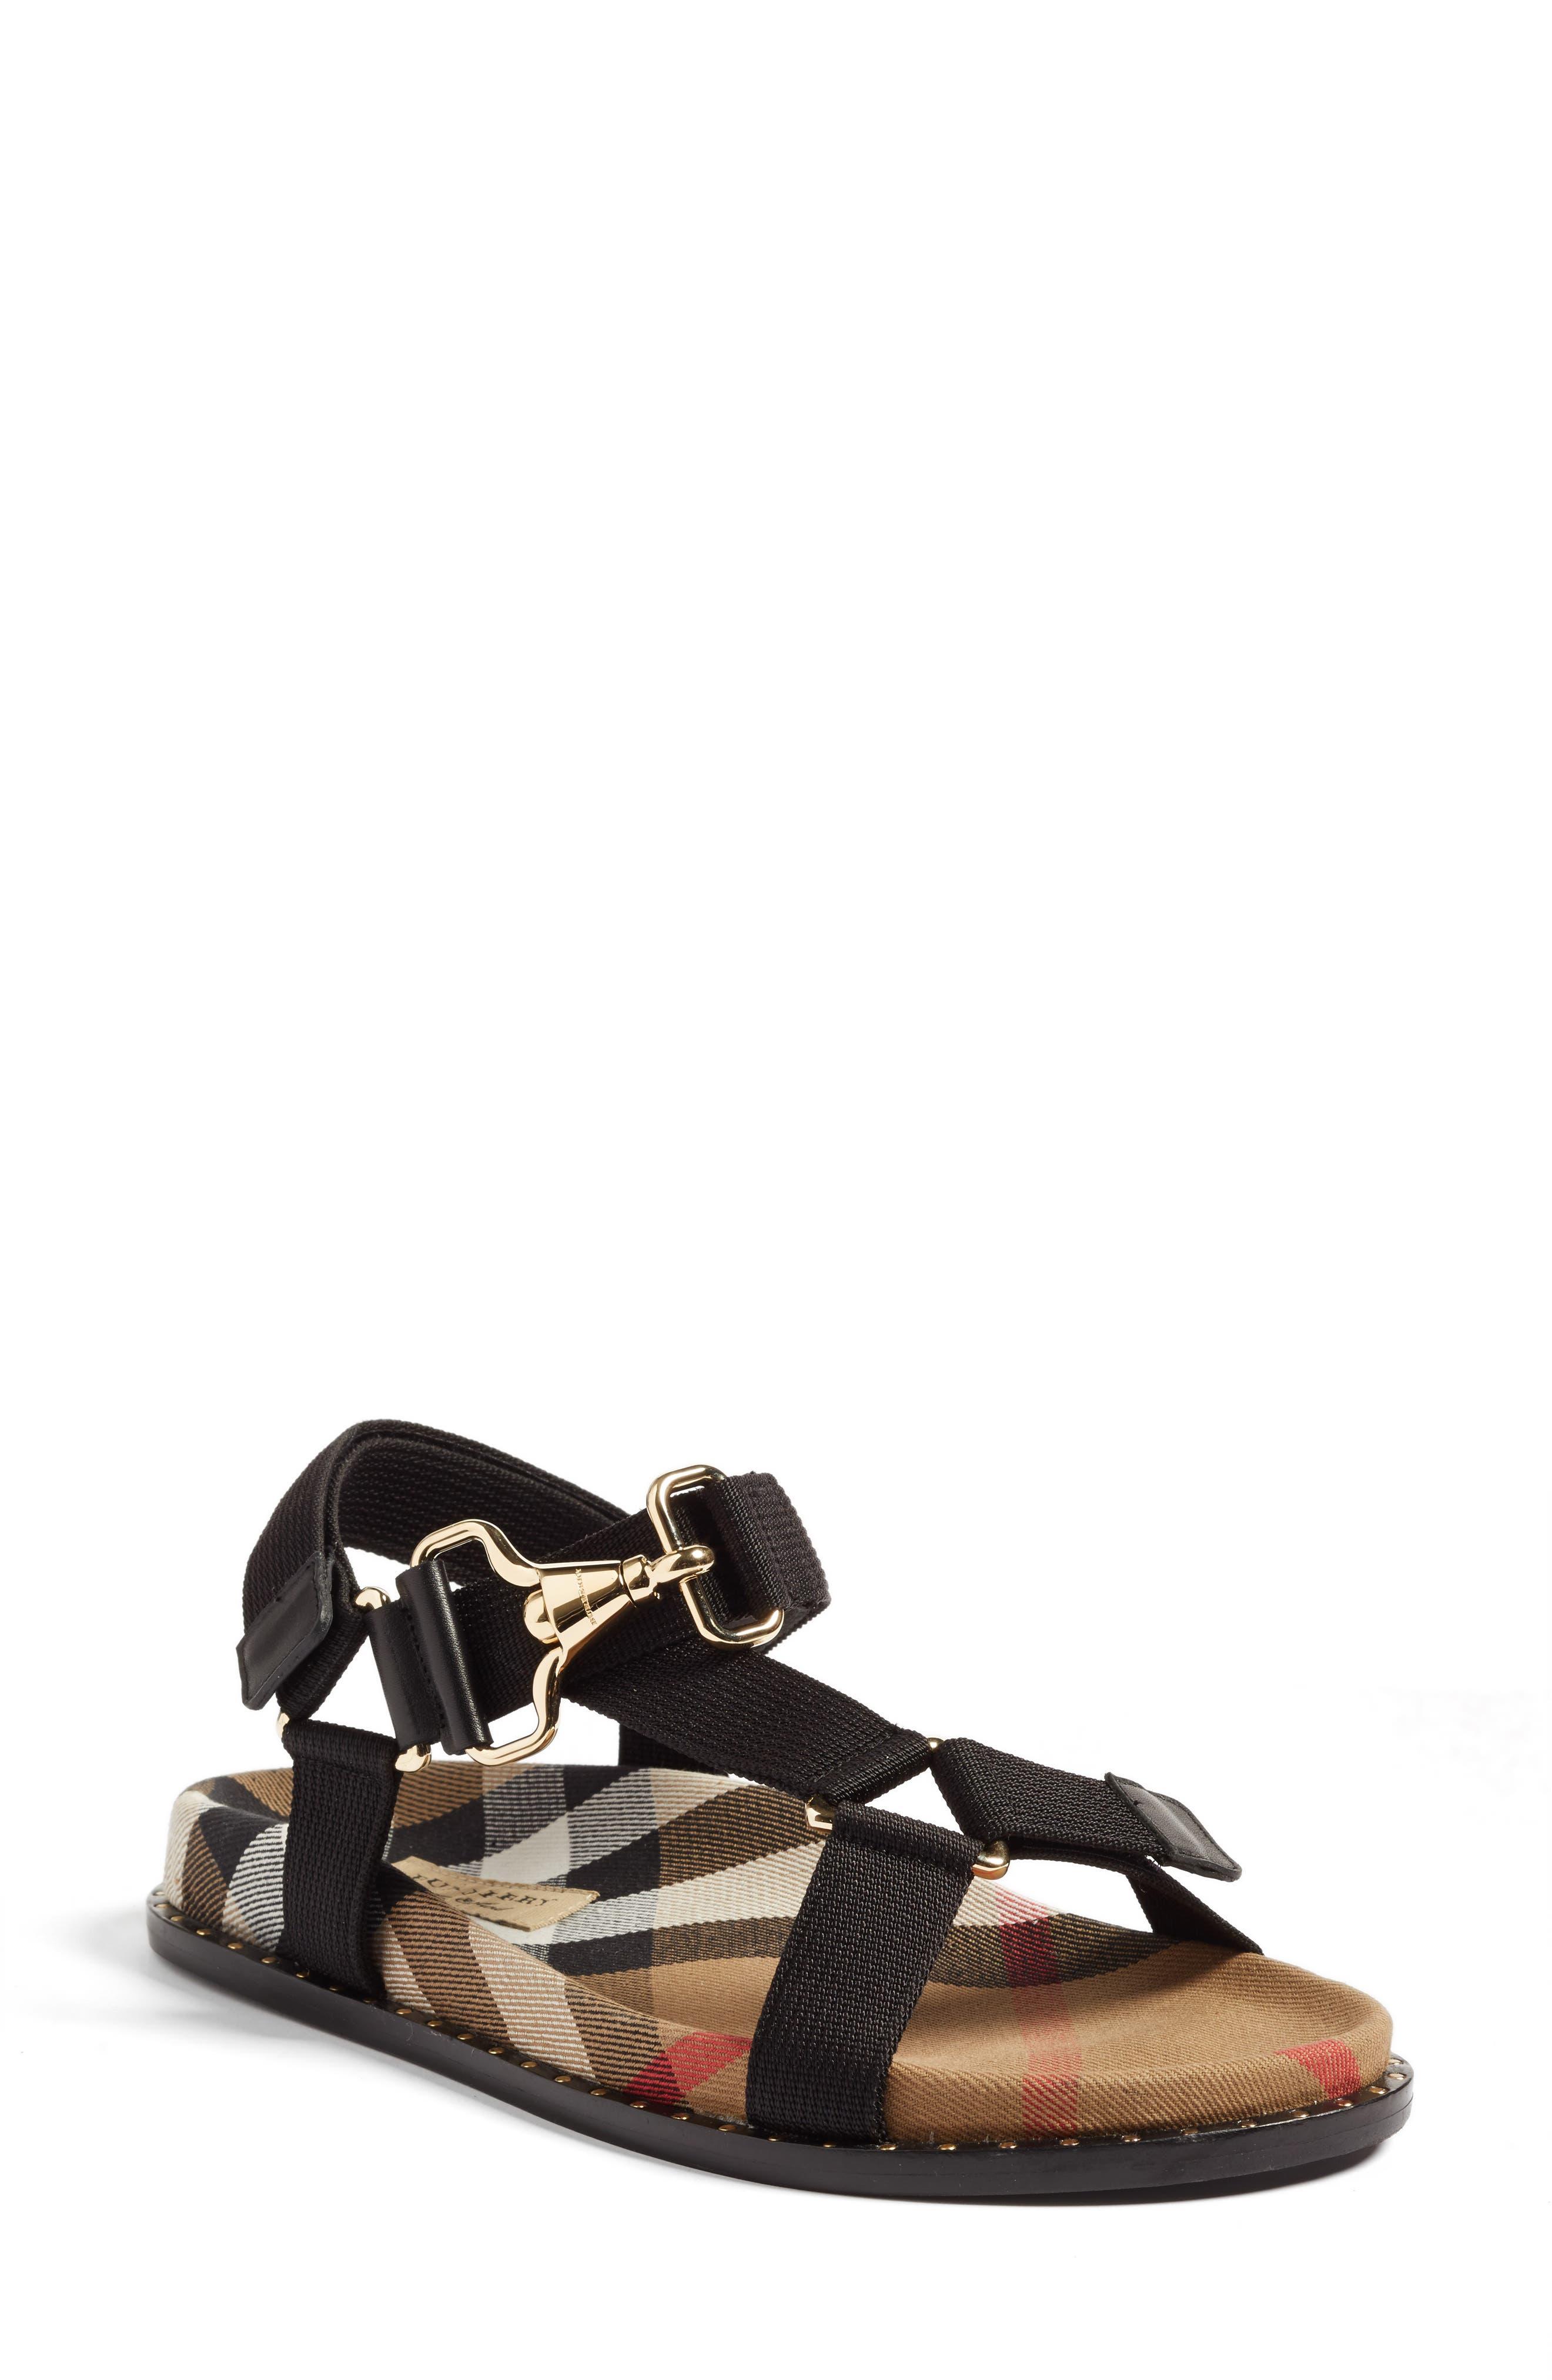 Alternate Image 1 Selected - Burberry Ardall Sandal (Women)